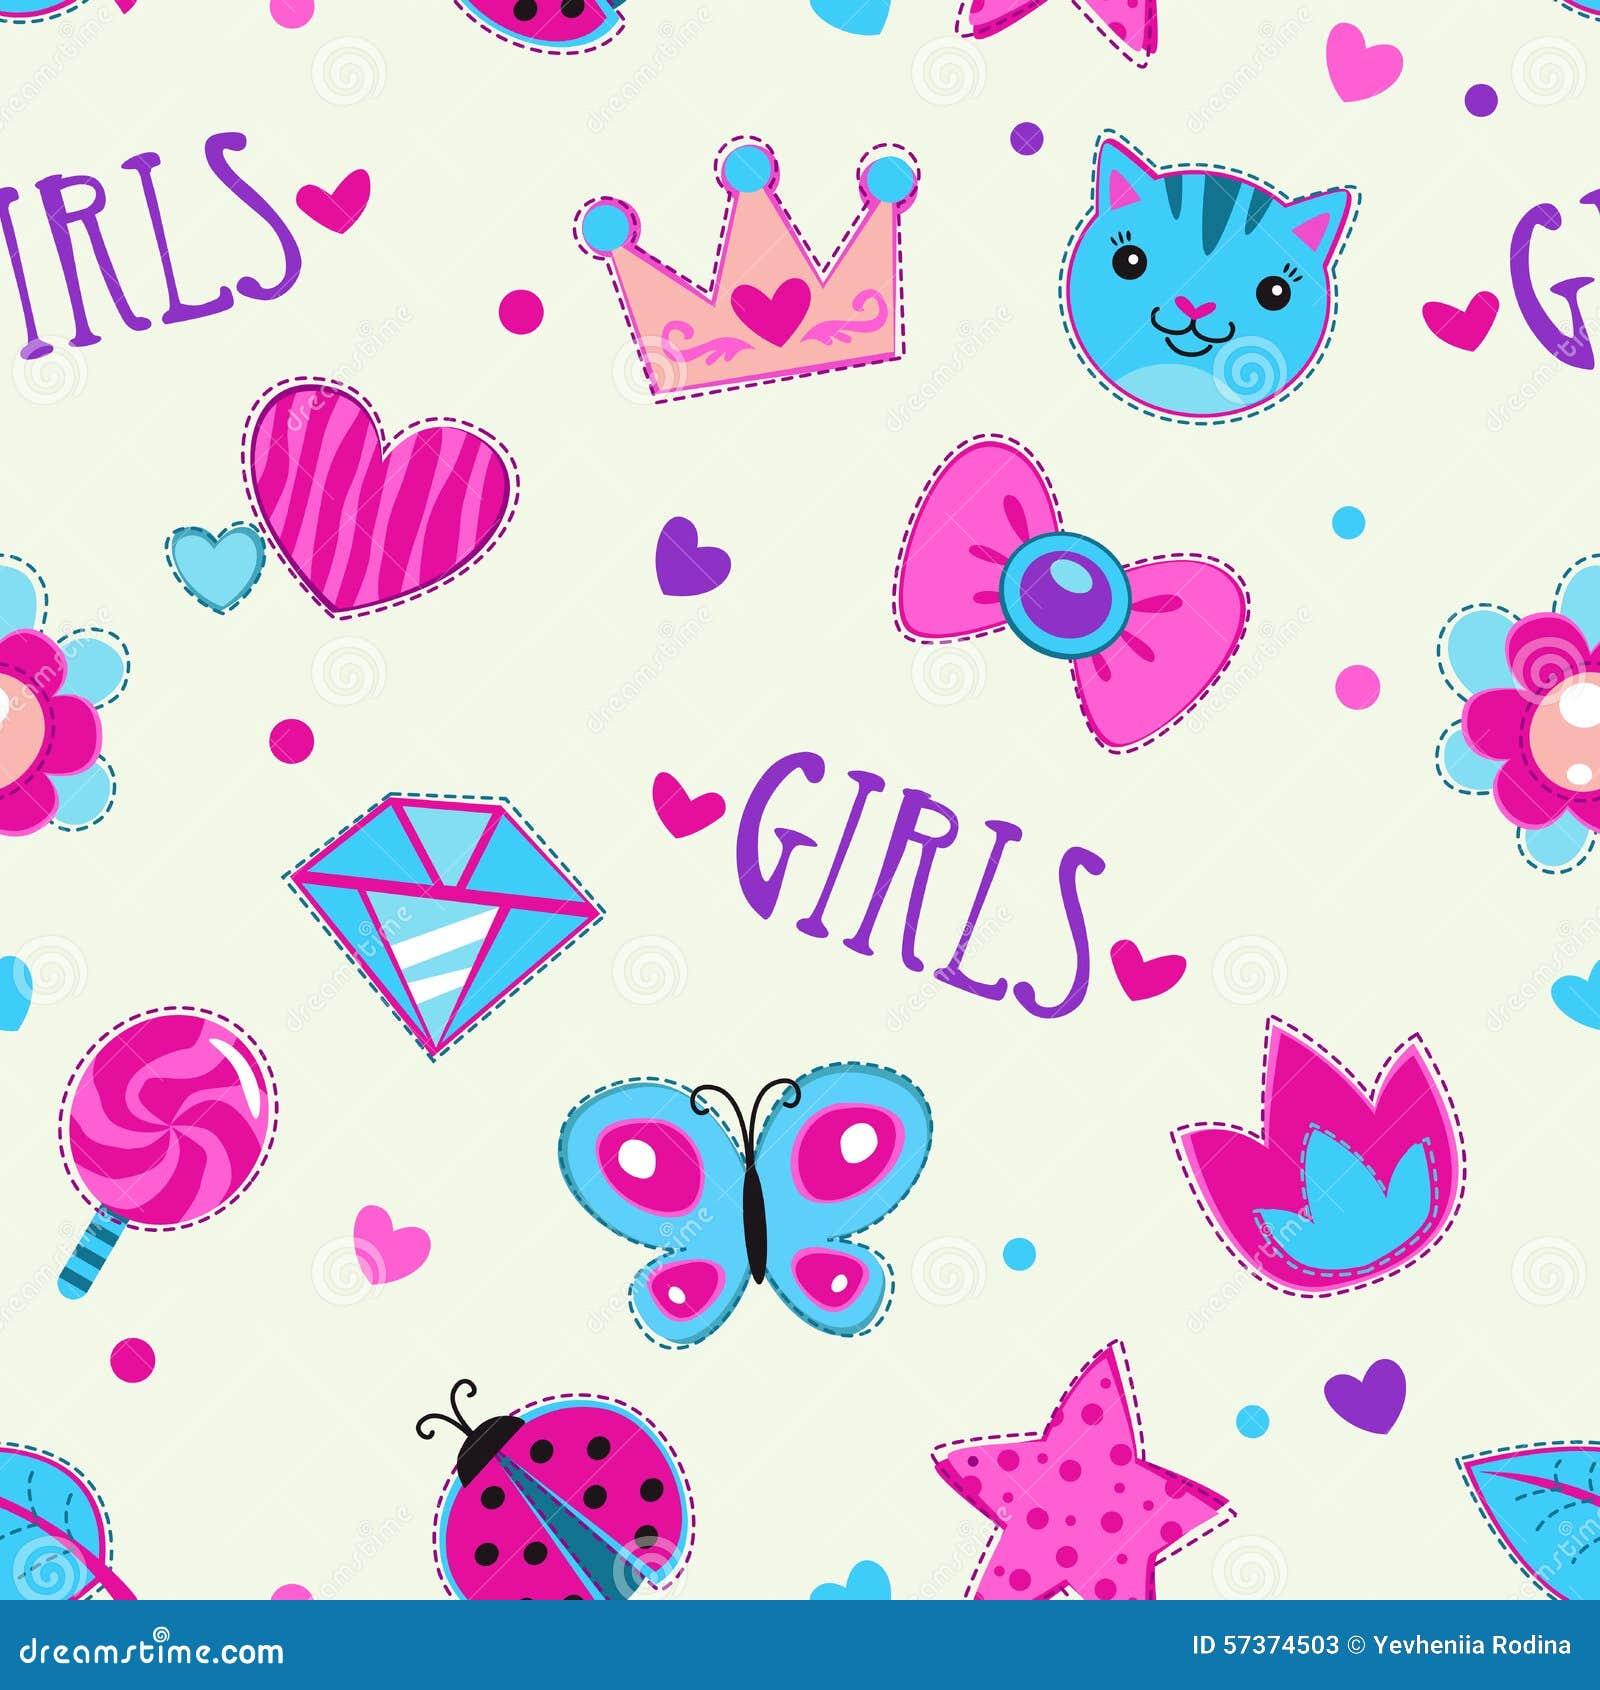 Cute girlish seamless pattern